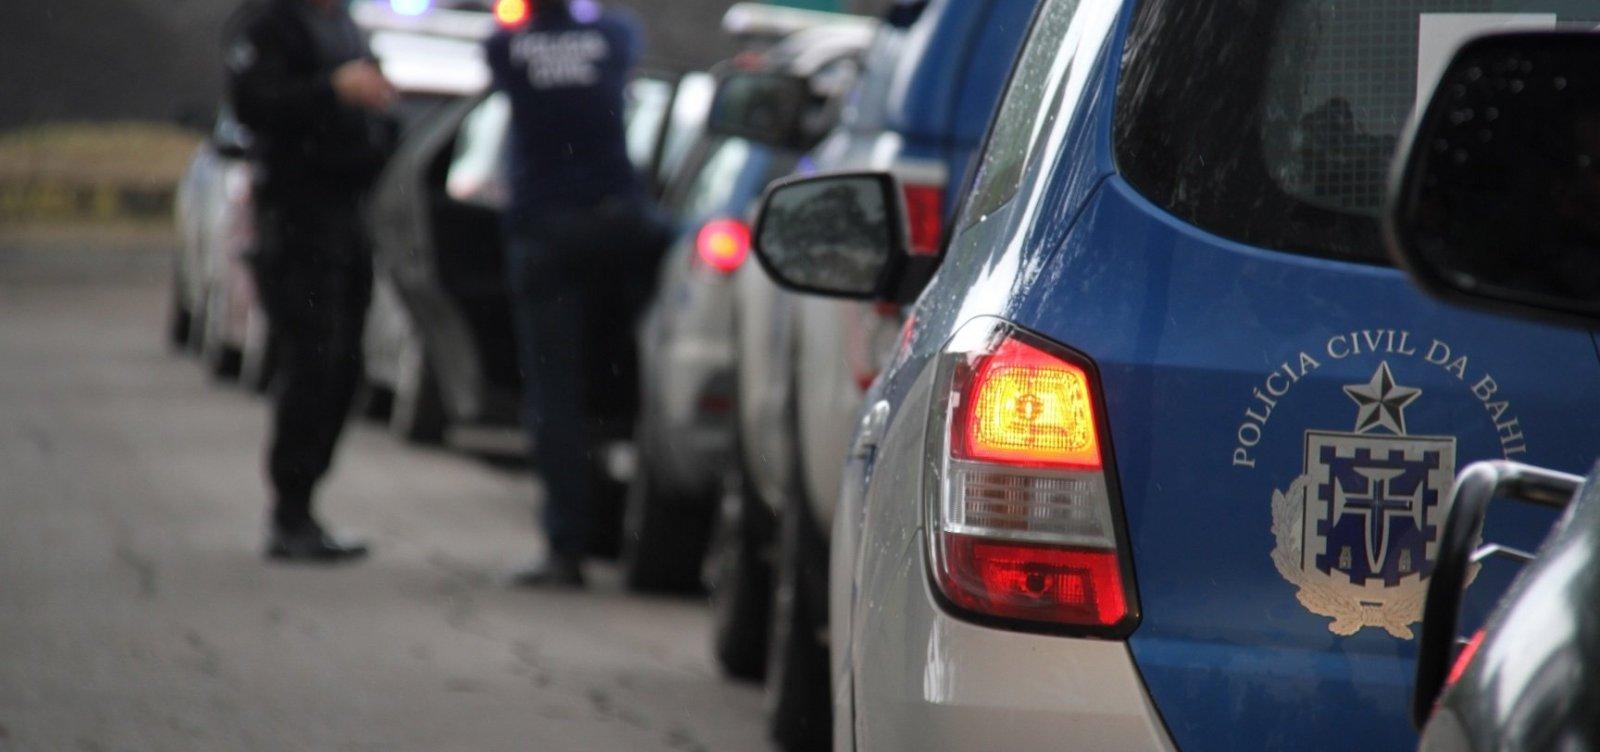 [Operação da Polícia Civil prende 24 suspeitos de crimes violentos na Bahia]